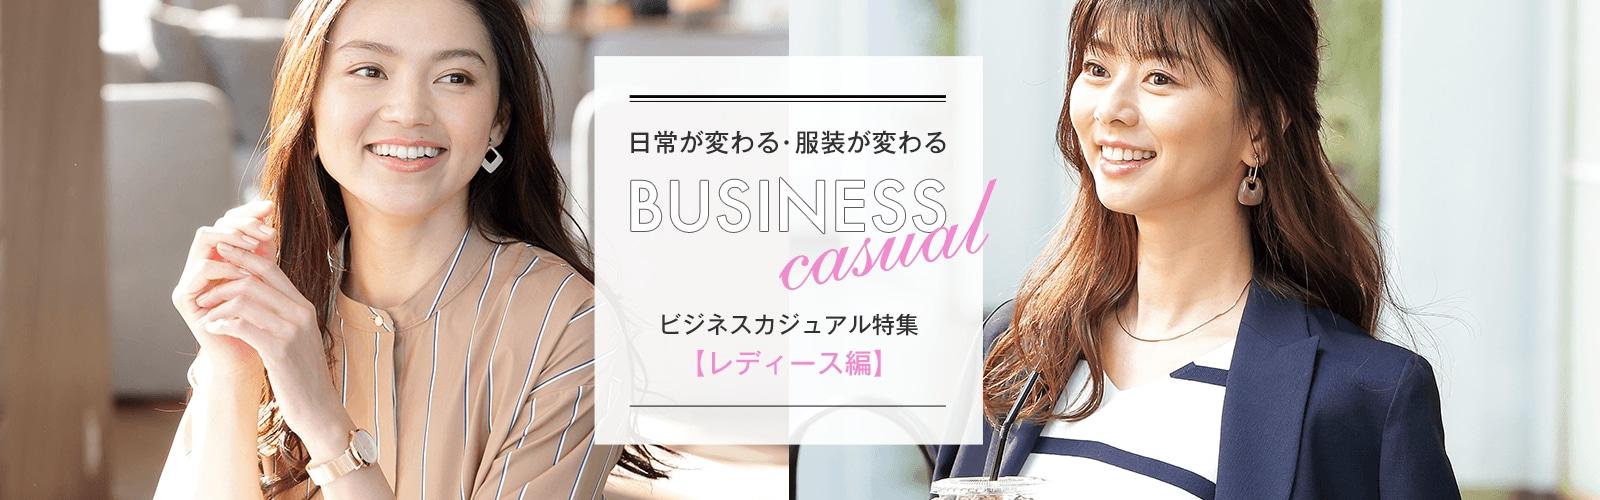 ビジネスカジュアル特集【レディース編】